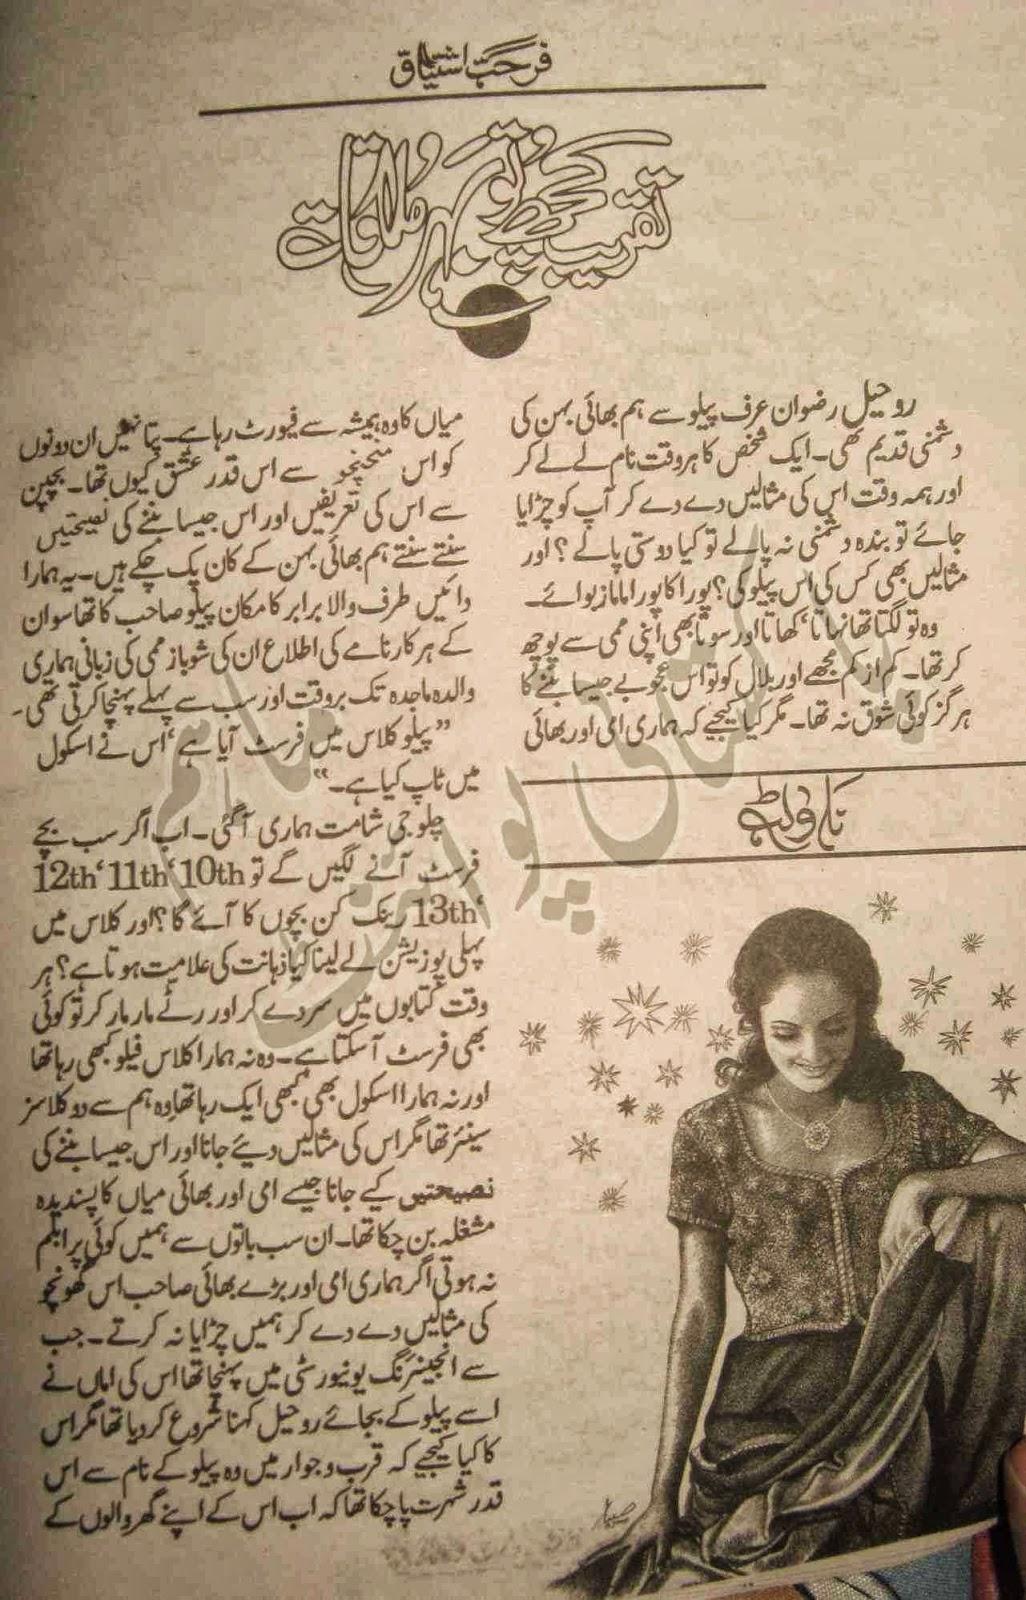 Taqreeb kuch to behr e mulaqat by Farhat Ishtiaq p1 1 - Taqreeb Kuch to Behre Mulaqat By Farhat Ishtiaq